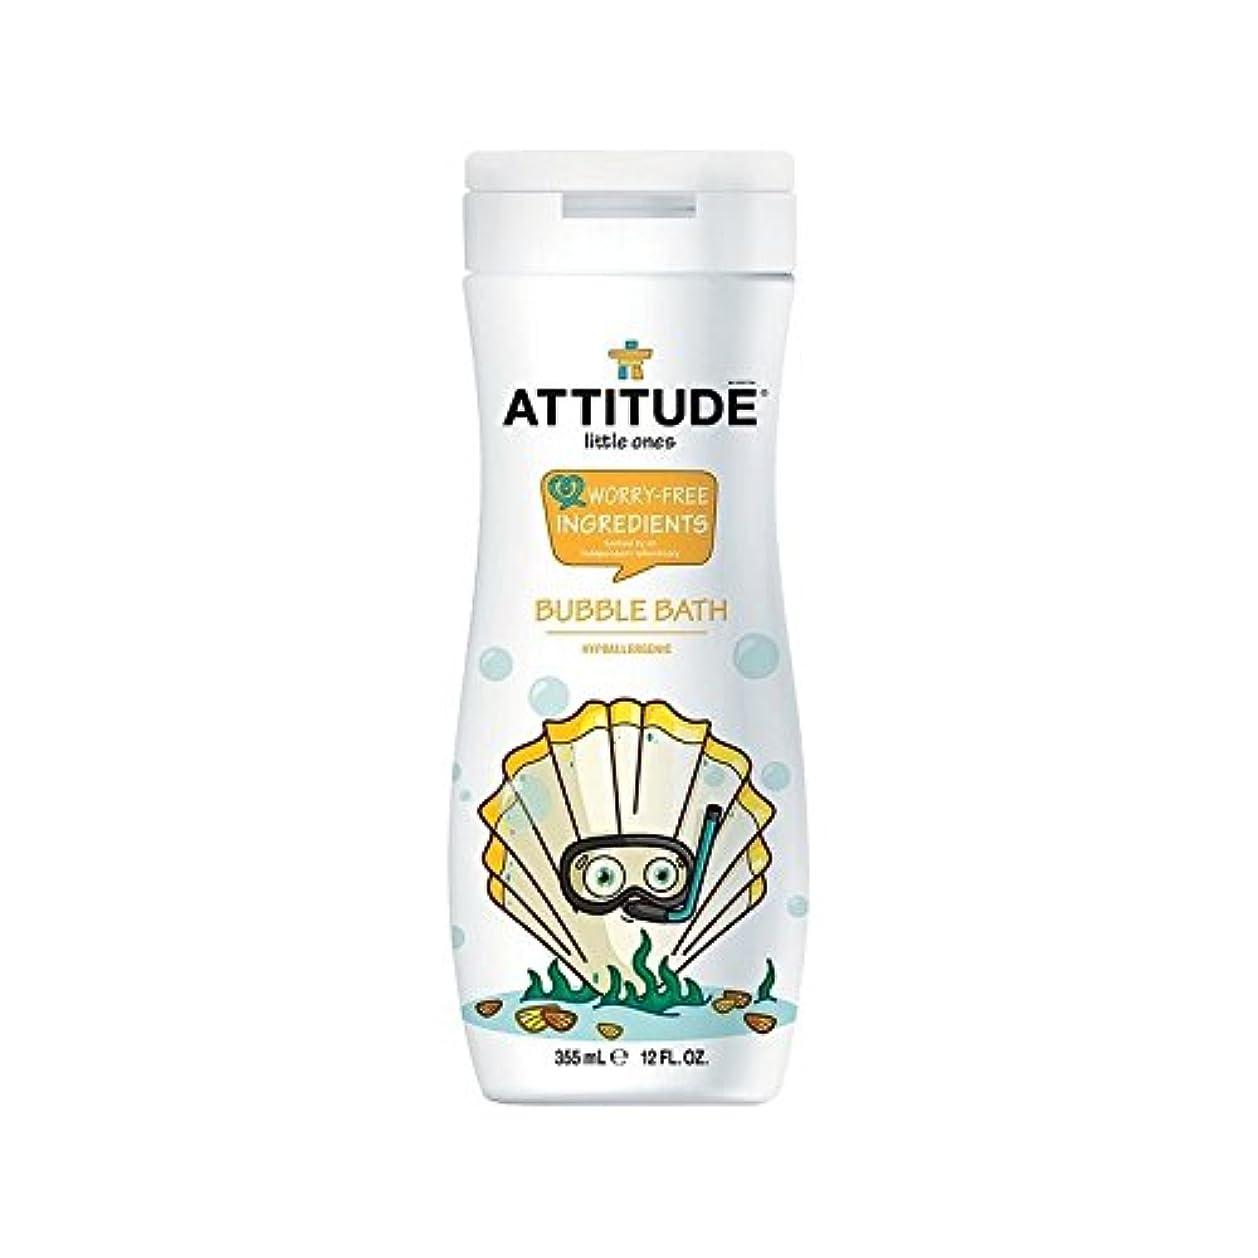 フロント種をまくベジタリアンエコキッズ低刺激性の泡風呂の355ミリリットル (Attitude) (x 4) - Attitude Eco Kids Hypoallergenic Bubble Bath 355ml (Pack of 4) [並行輸入品]